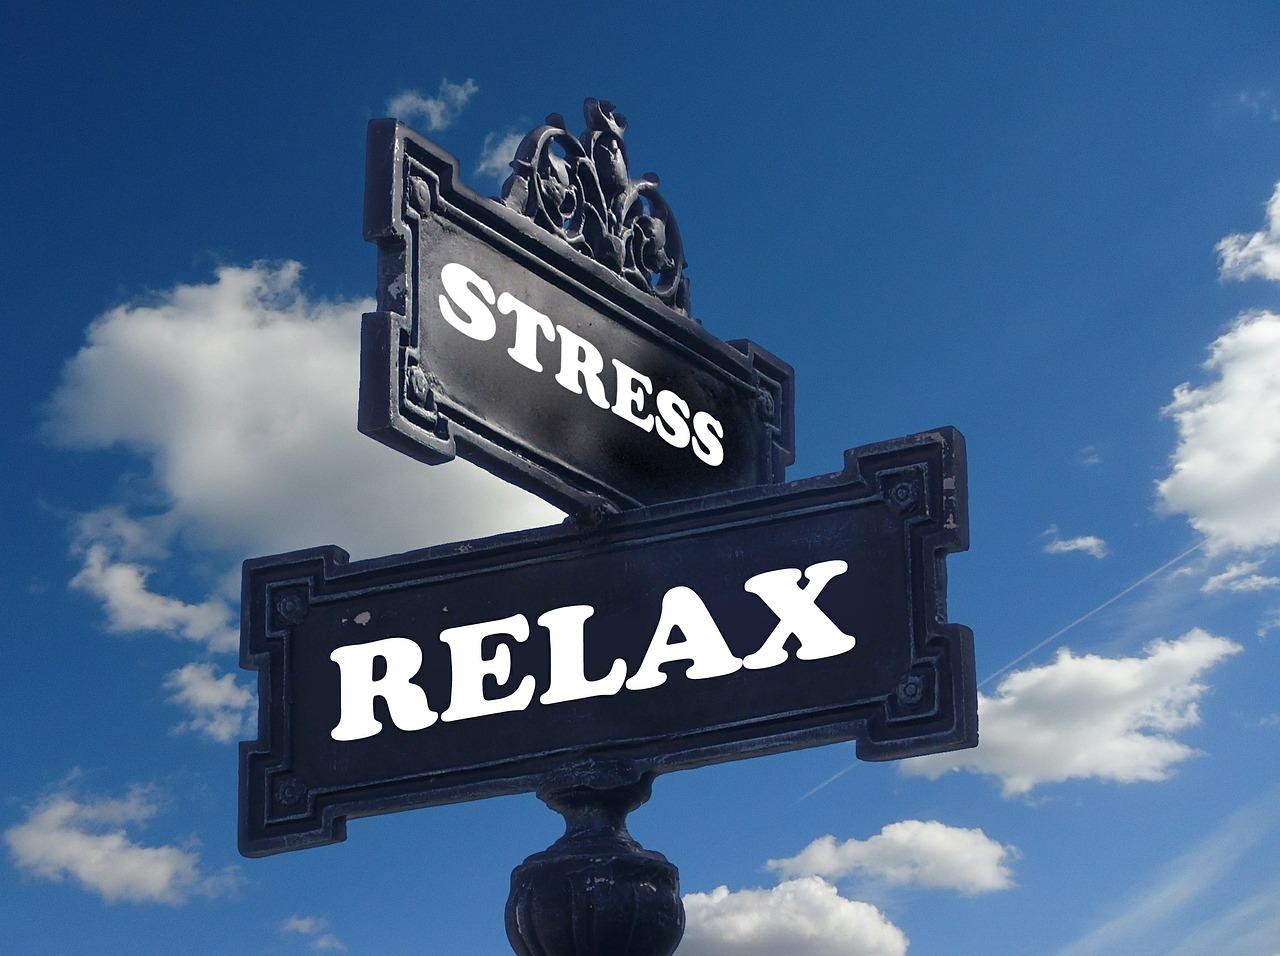 Comment parler en public sans stress grâce au langage non verbal